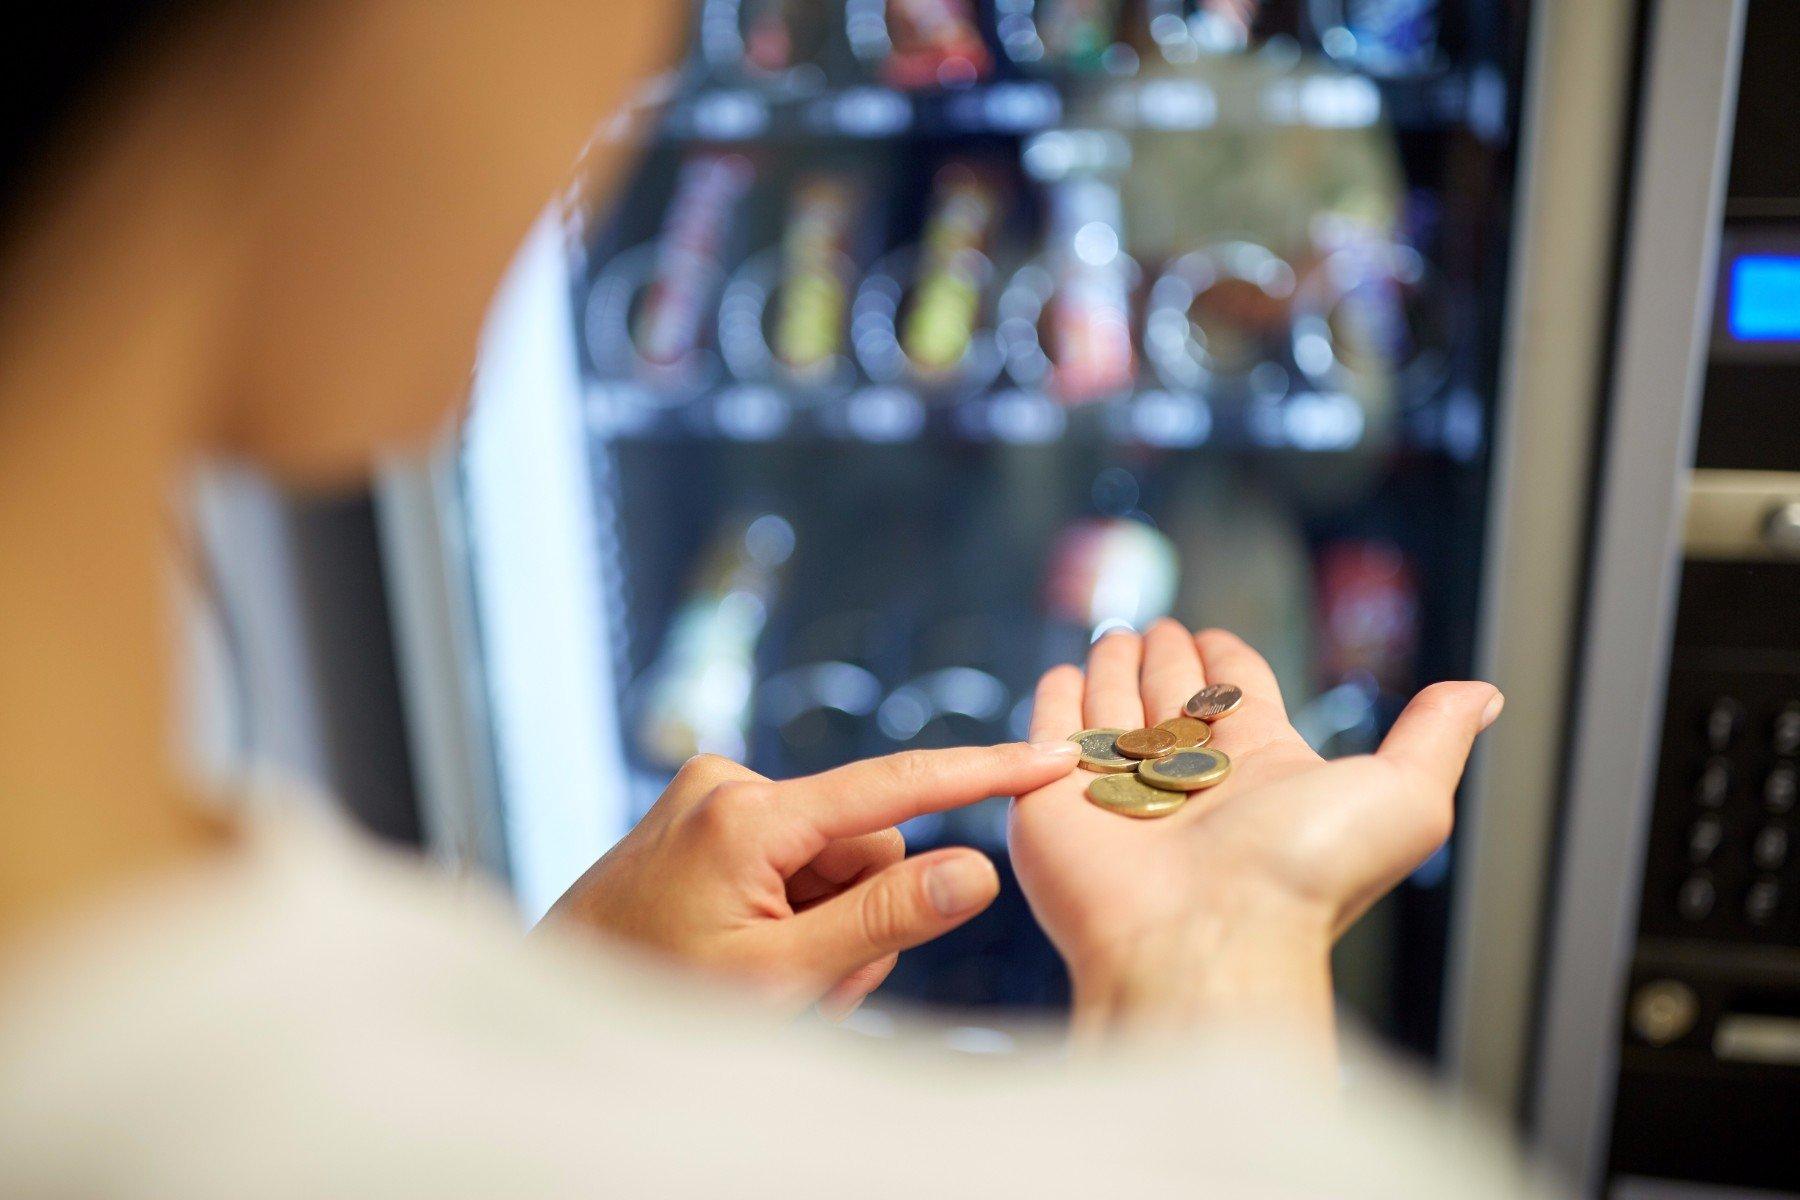 donna conta monetine di fronte a un distributore automatico